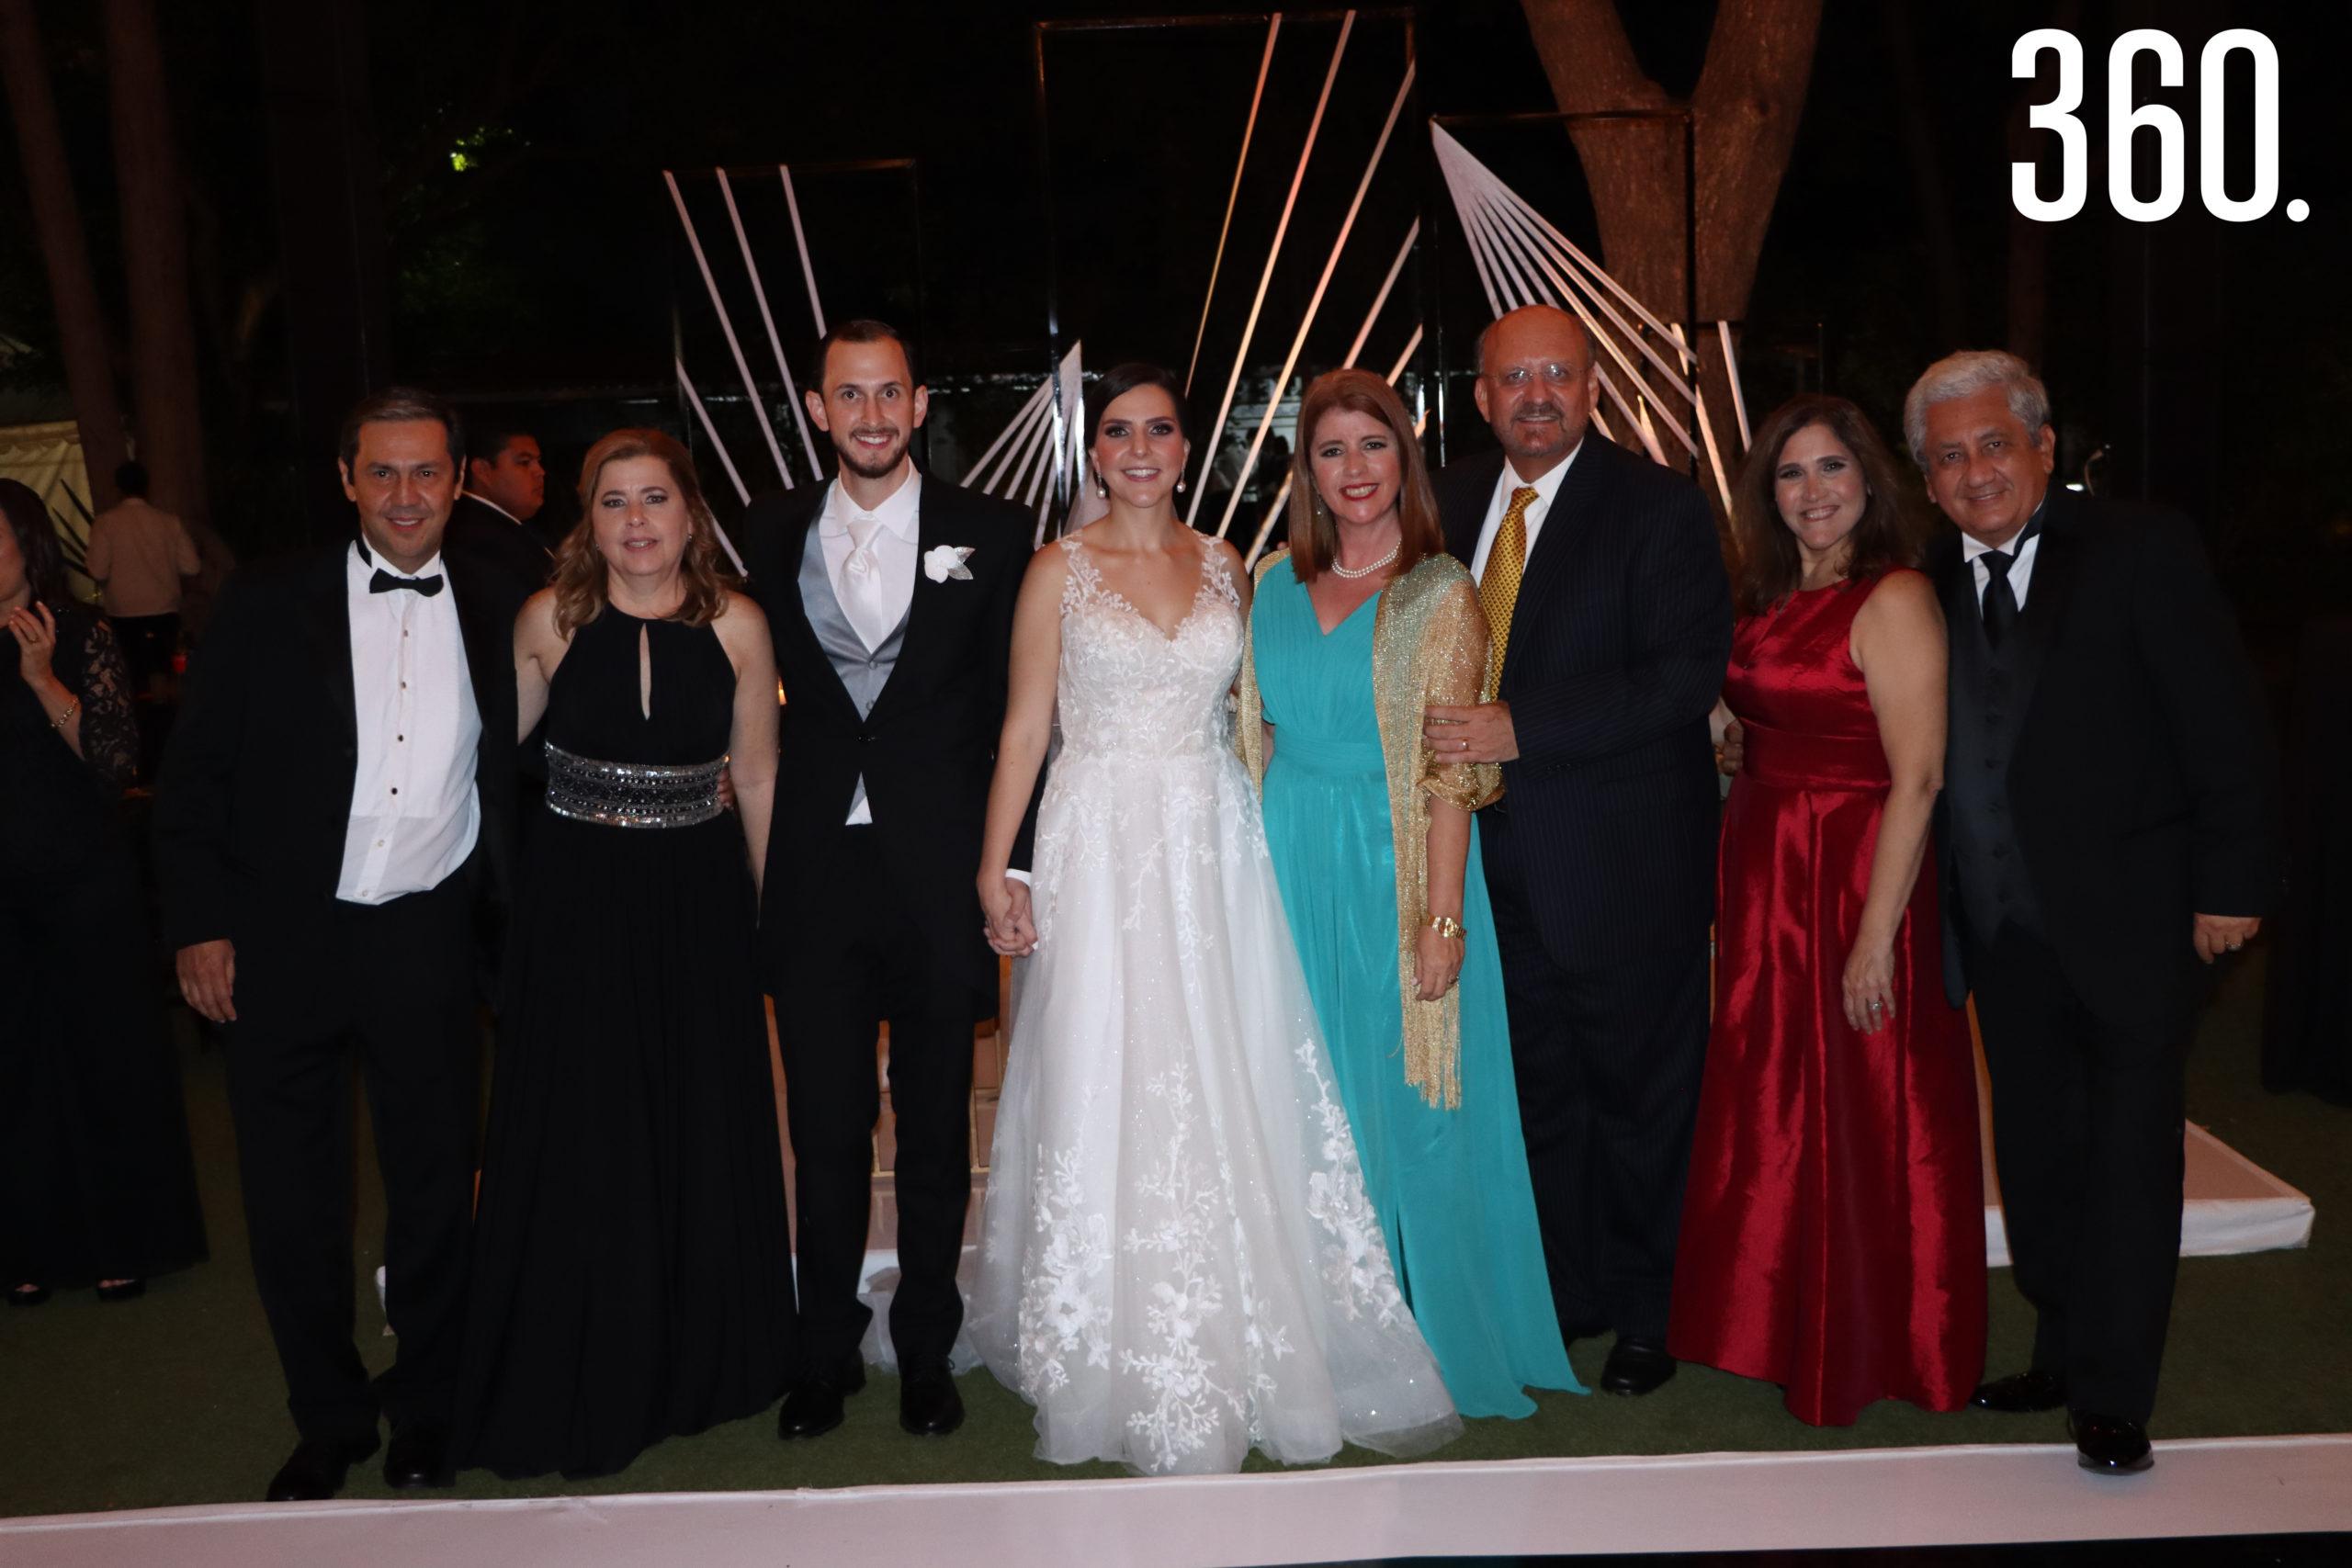 Francisco Chapa, Gabriela Navarro, José Luis Dávila, María José Treviño, María Elisa Barraza, Francisco Montoya, Gabriela de la Garza y Víctor Gutiérrez.